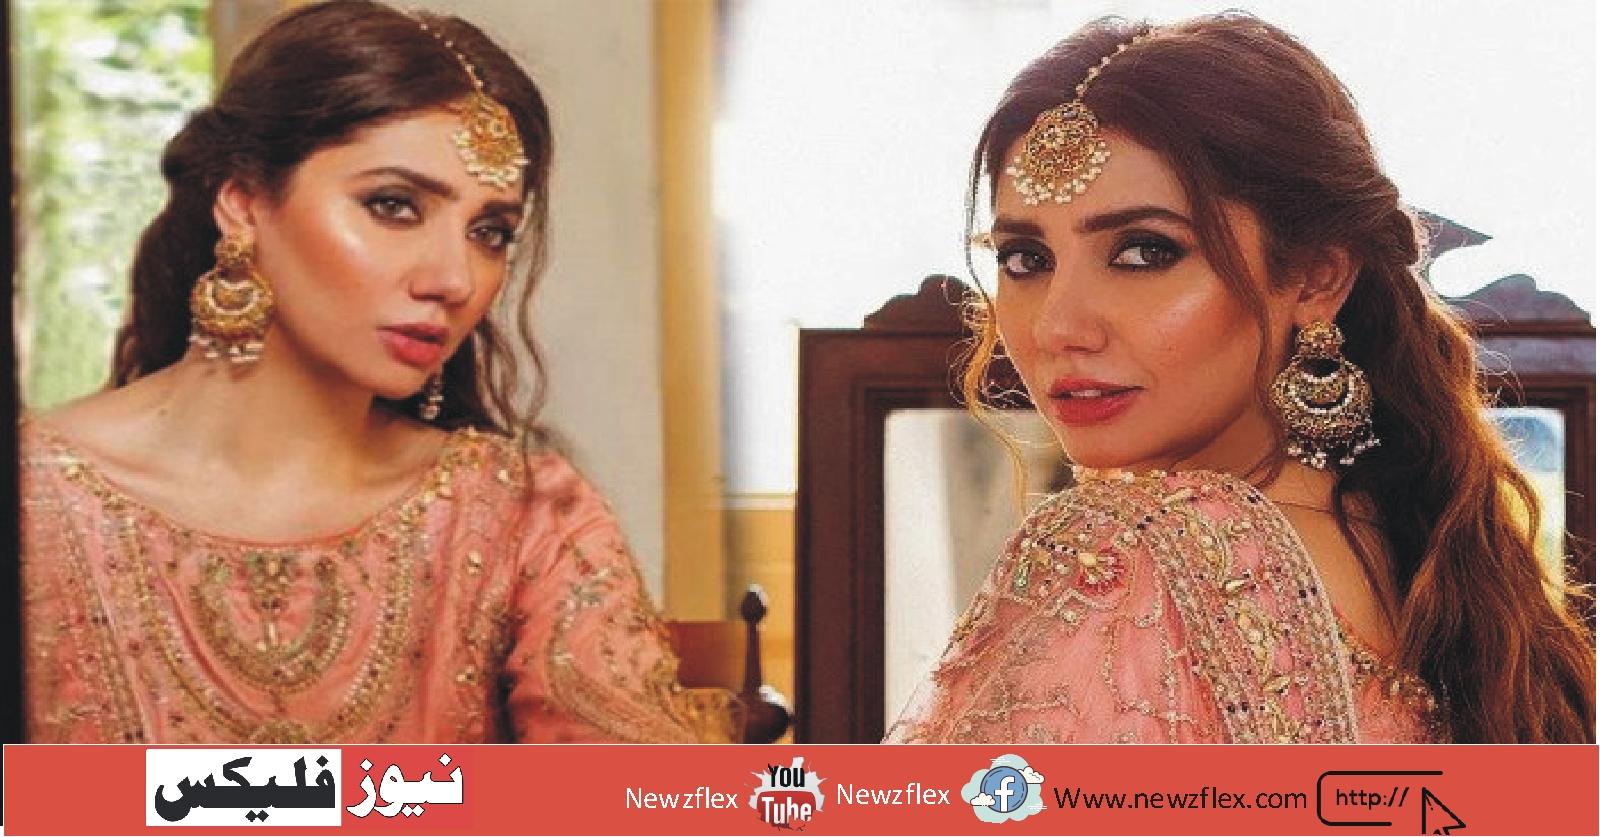 ماہرہ خان نے اپنی شادی کے بارے میں حقیقت افشاں کردی